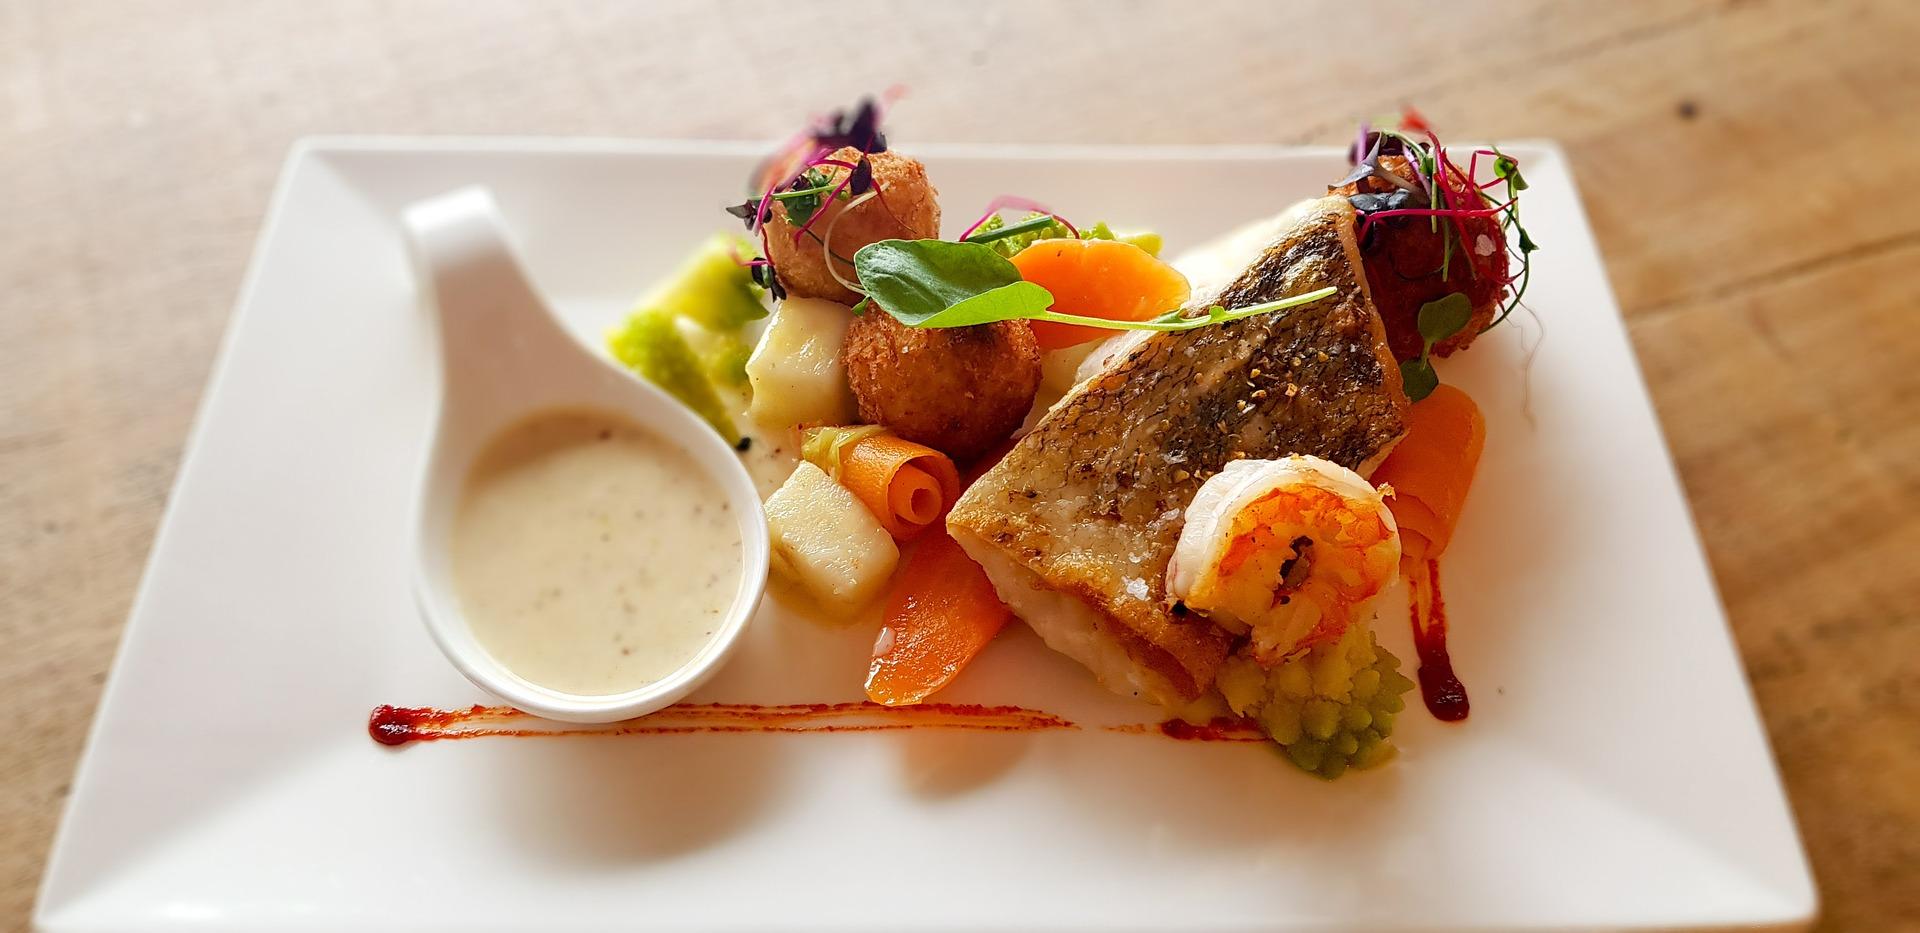 Jak skomponować dietetyczny obiad?